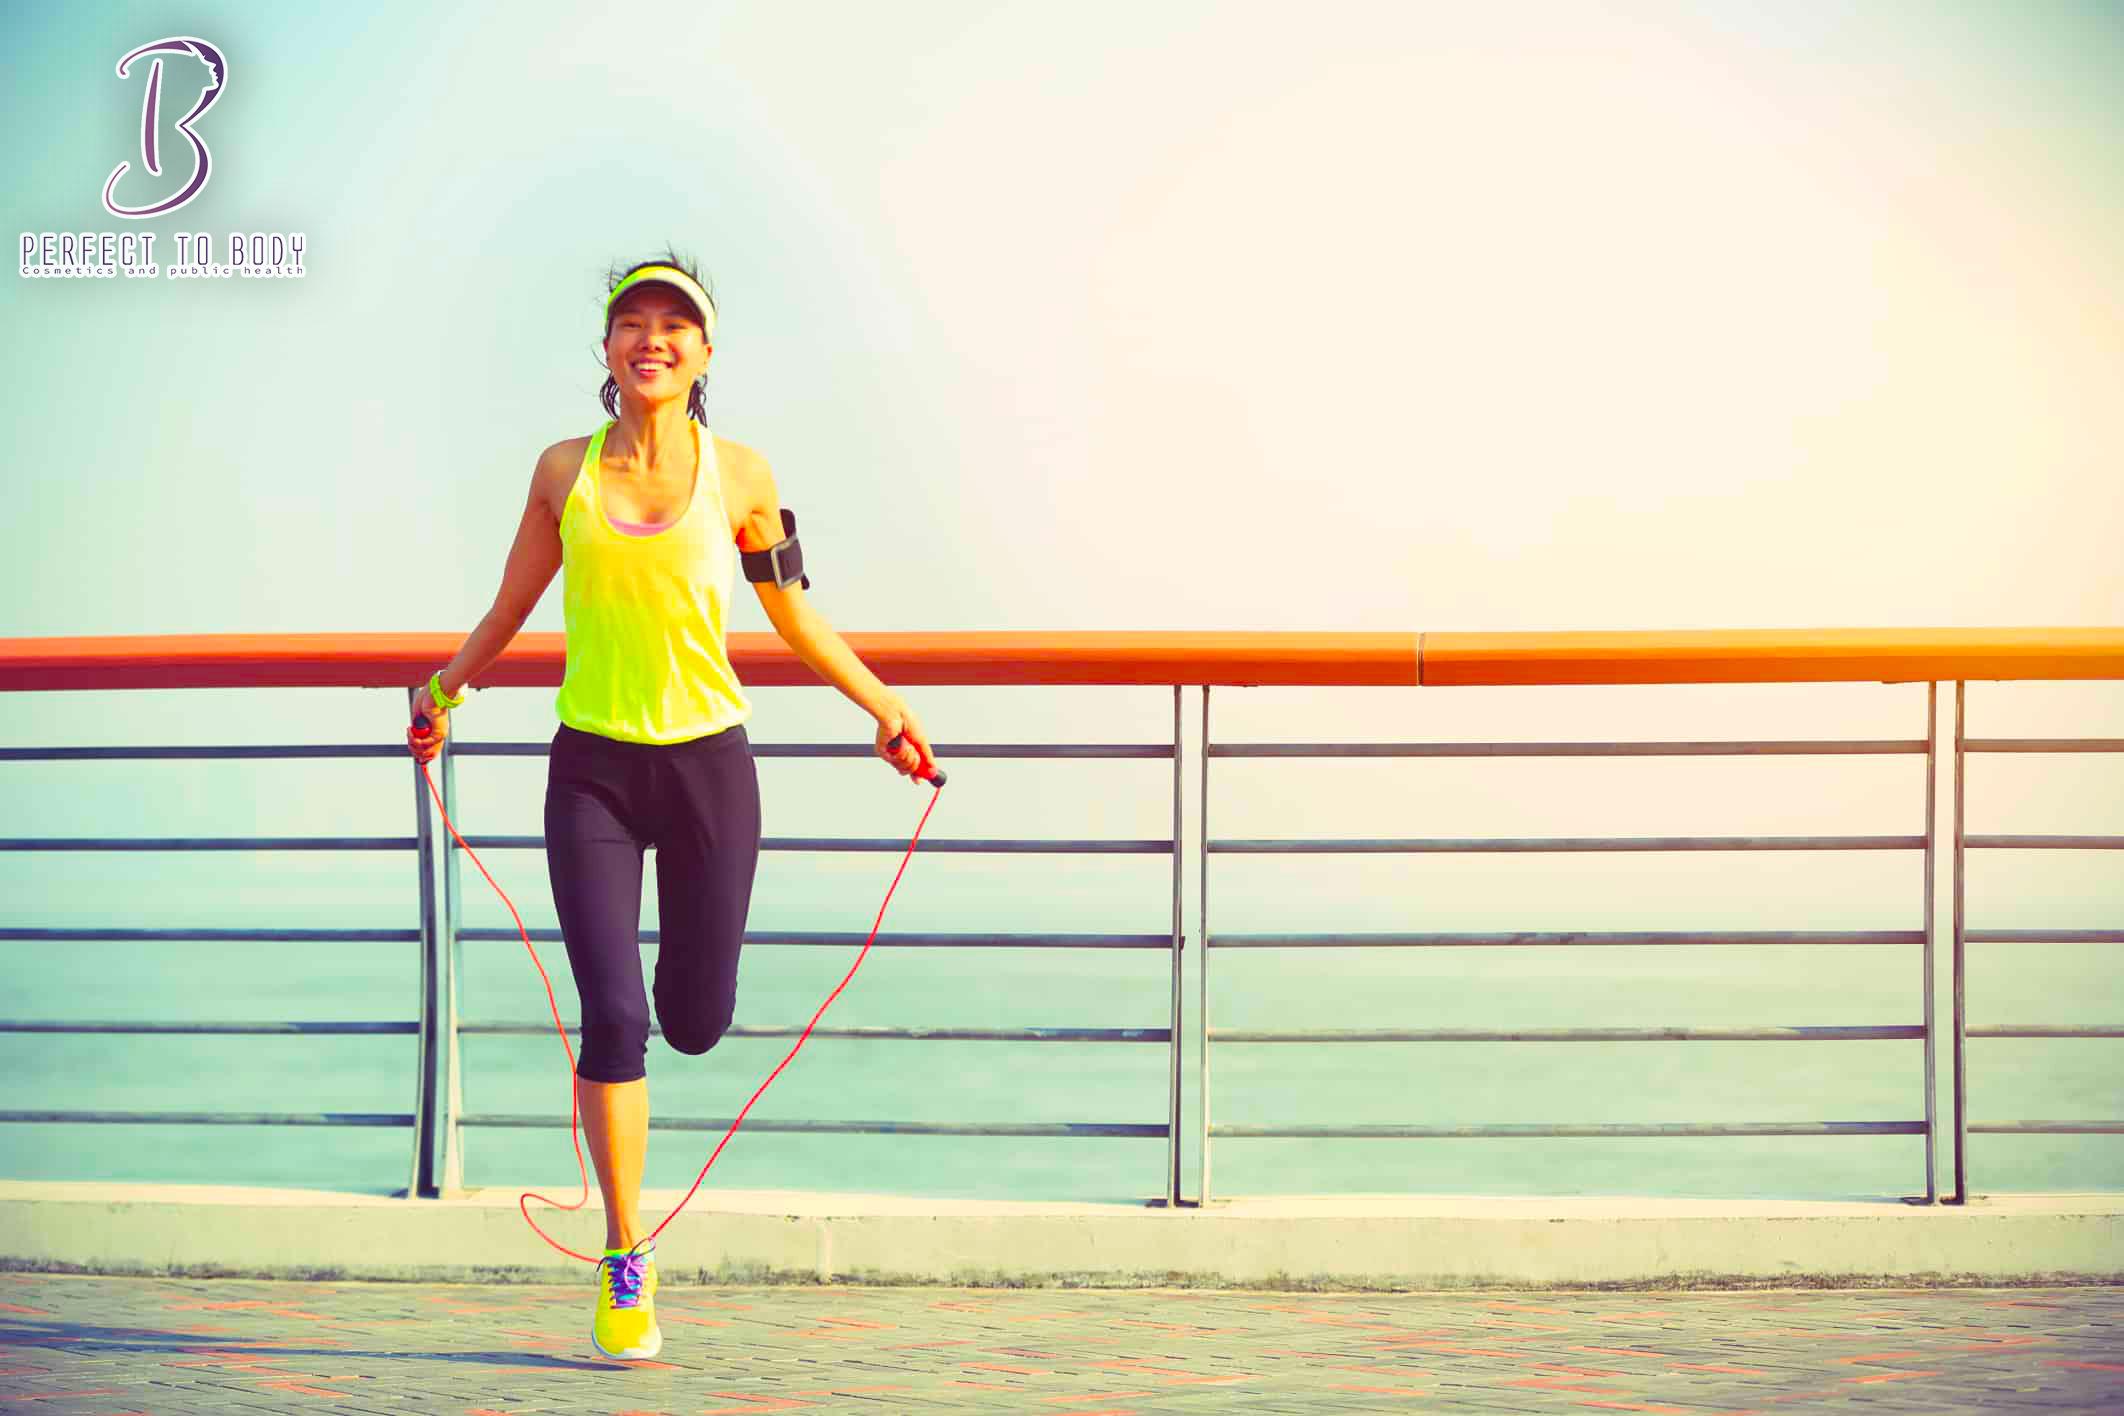 فوائد رياضة نط الحبل لصحة المرأة